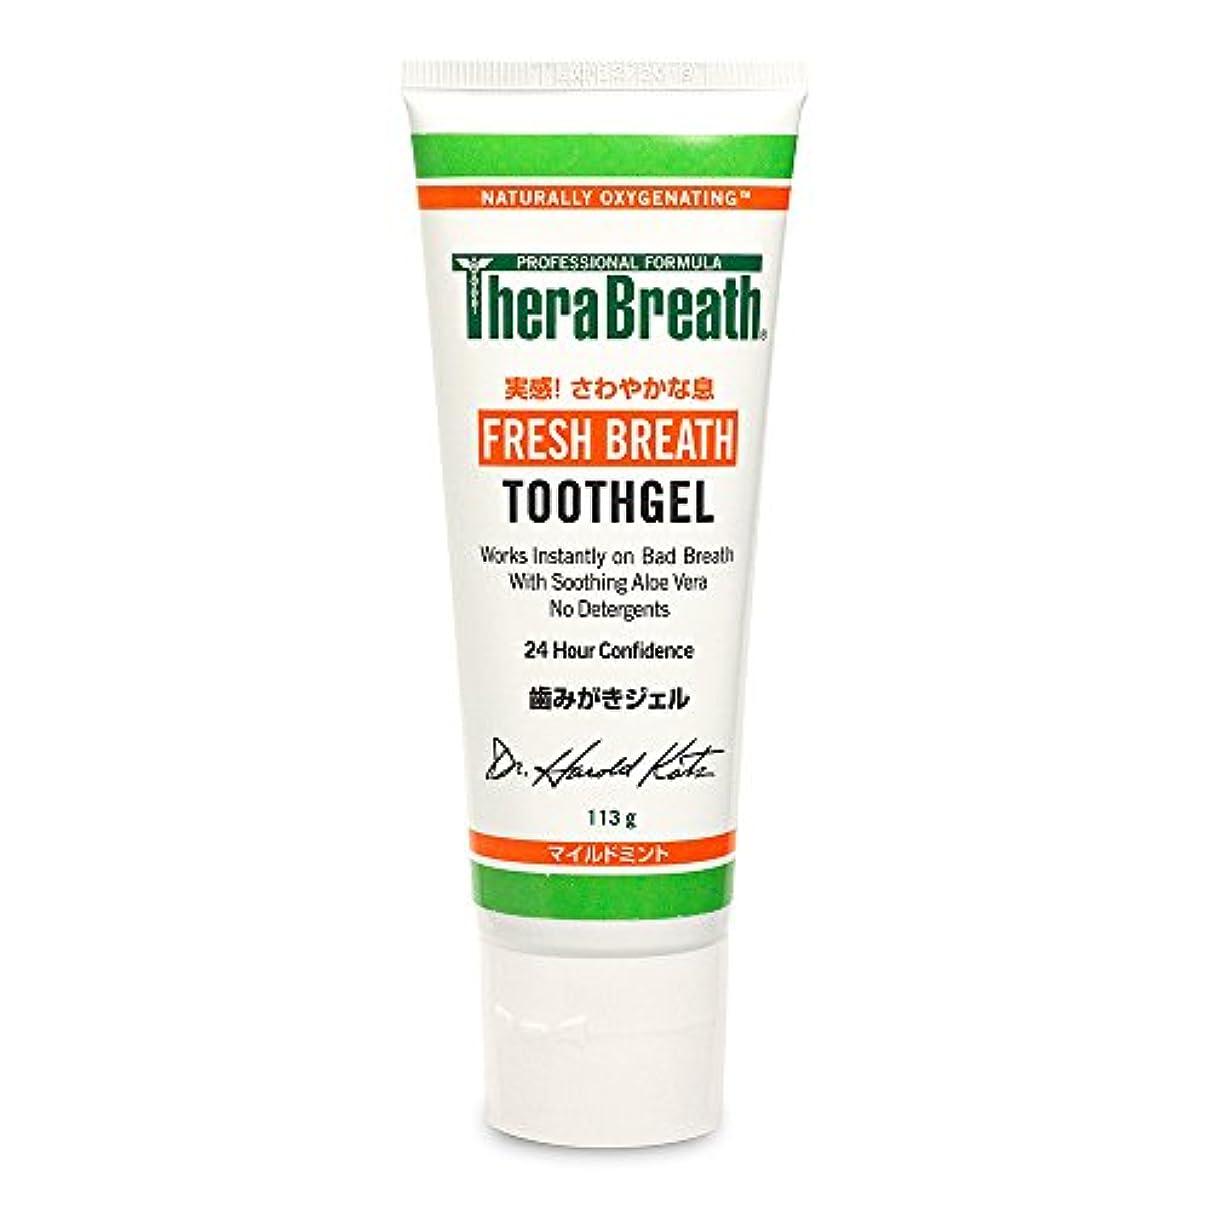 空白オリエンテーションジャングルTheraBreath (セラブレス) セラブレストゥースジェル 113g (正規輸入品) 舌磨き